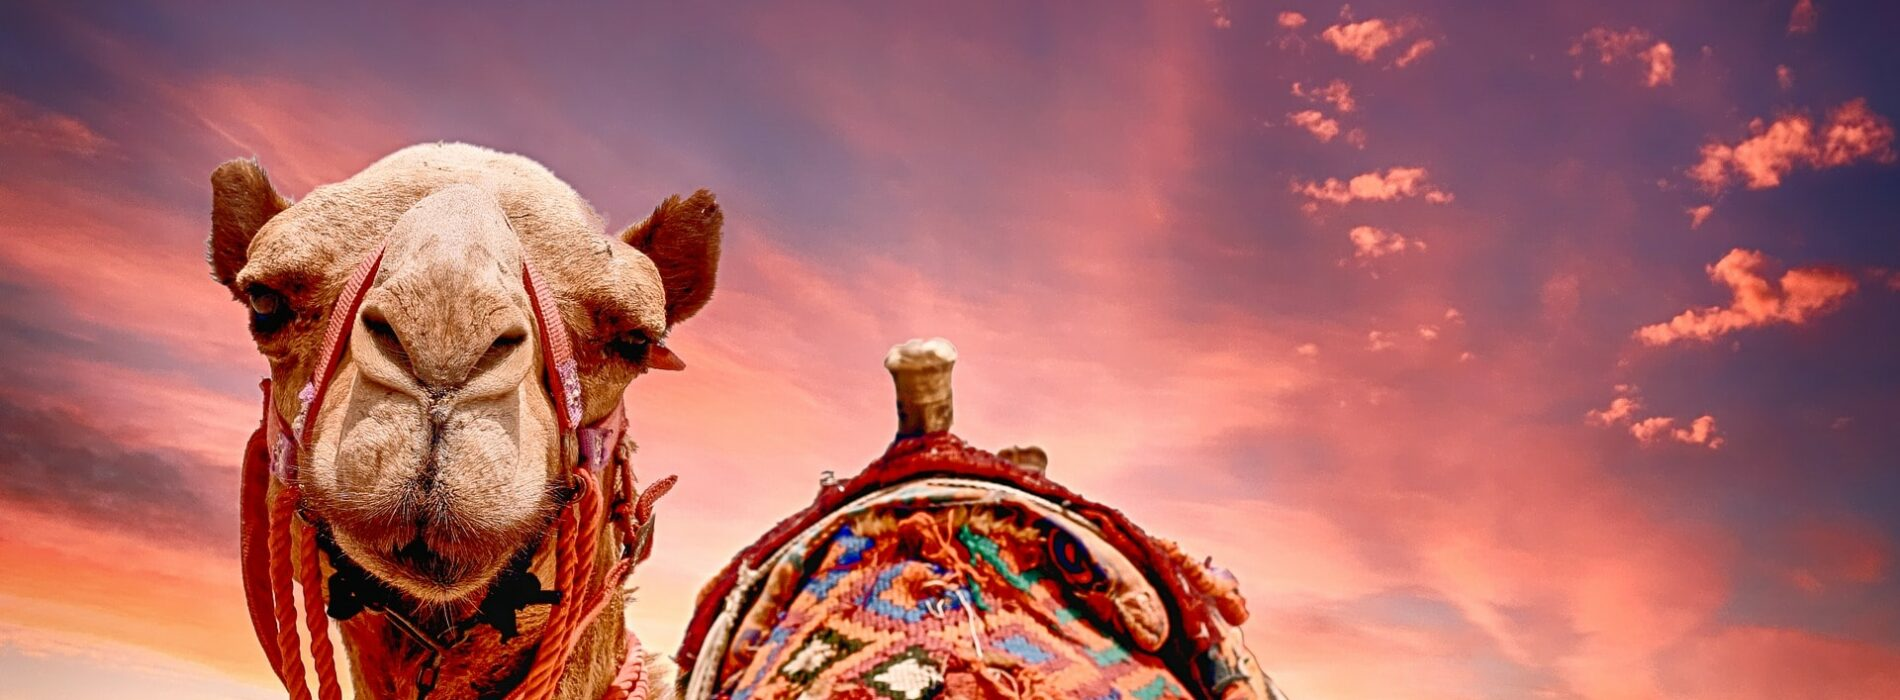 О Личностном росте, уровне Бытия и о том, как Верблюд стал Человеком